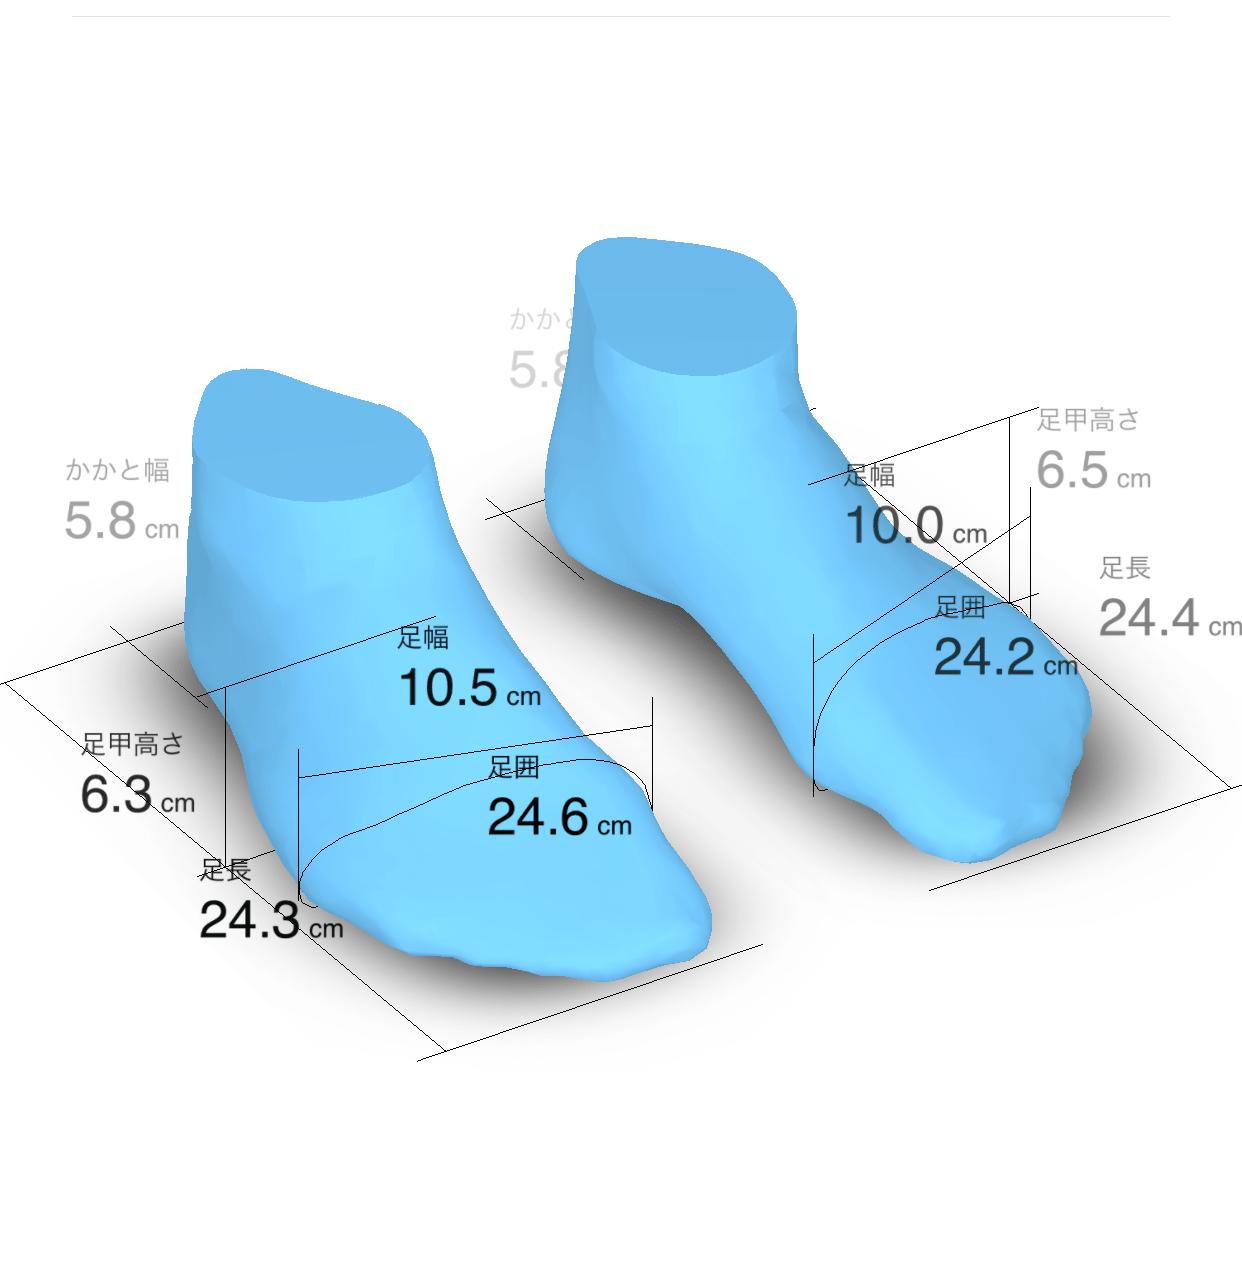 ゾゾマットの計測結果